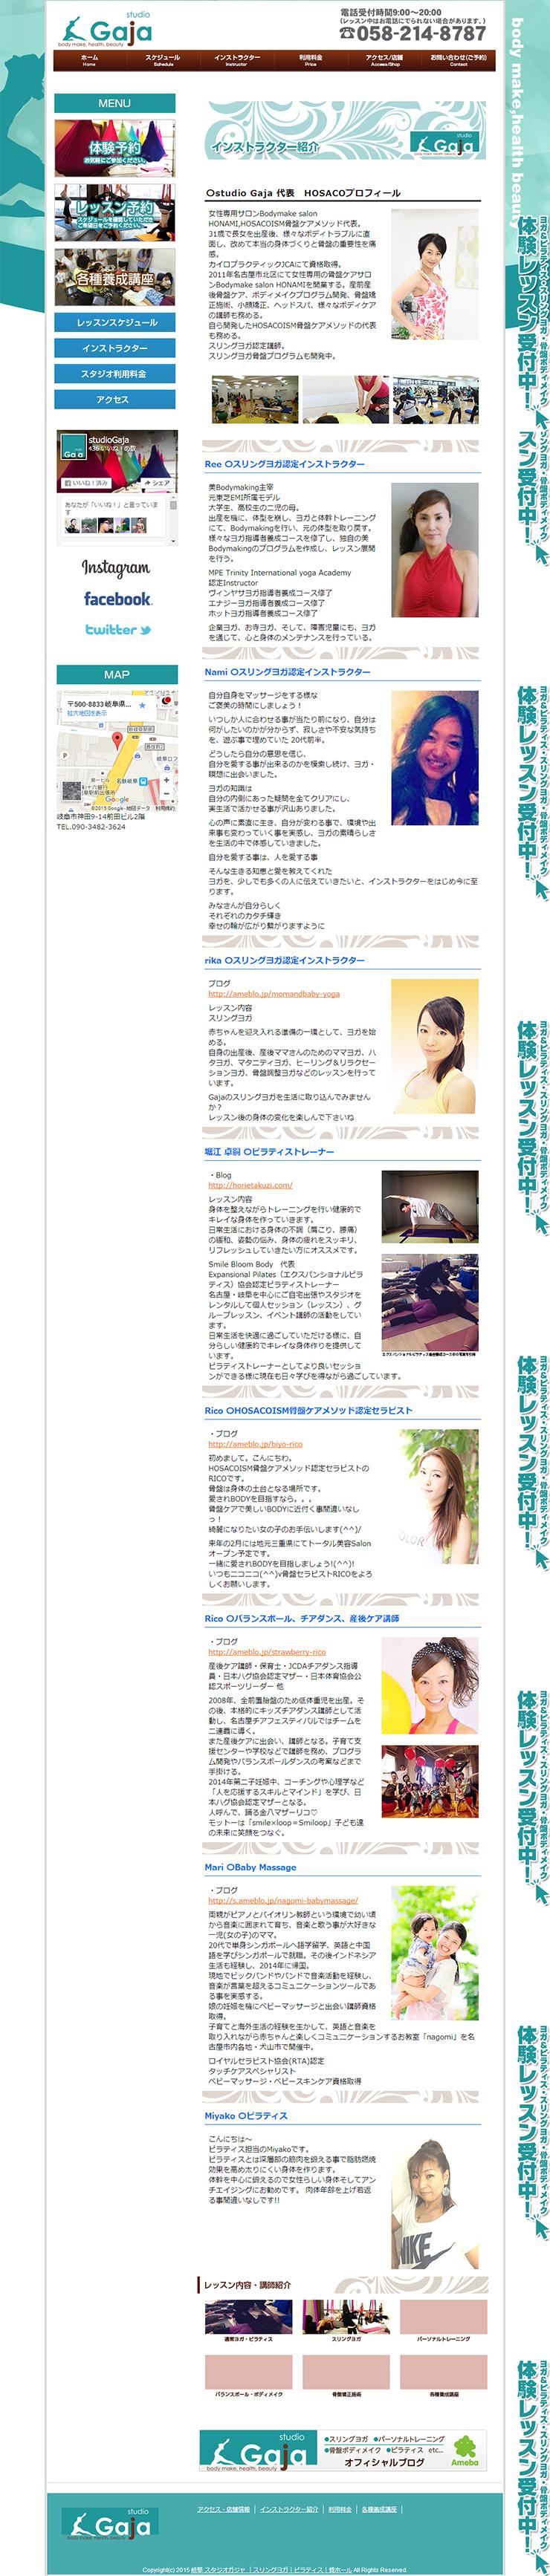 271115 2 - ヨガスタジオ様のホームページの制作を担当しました。